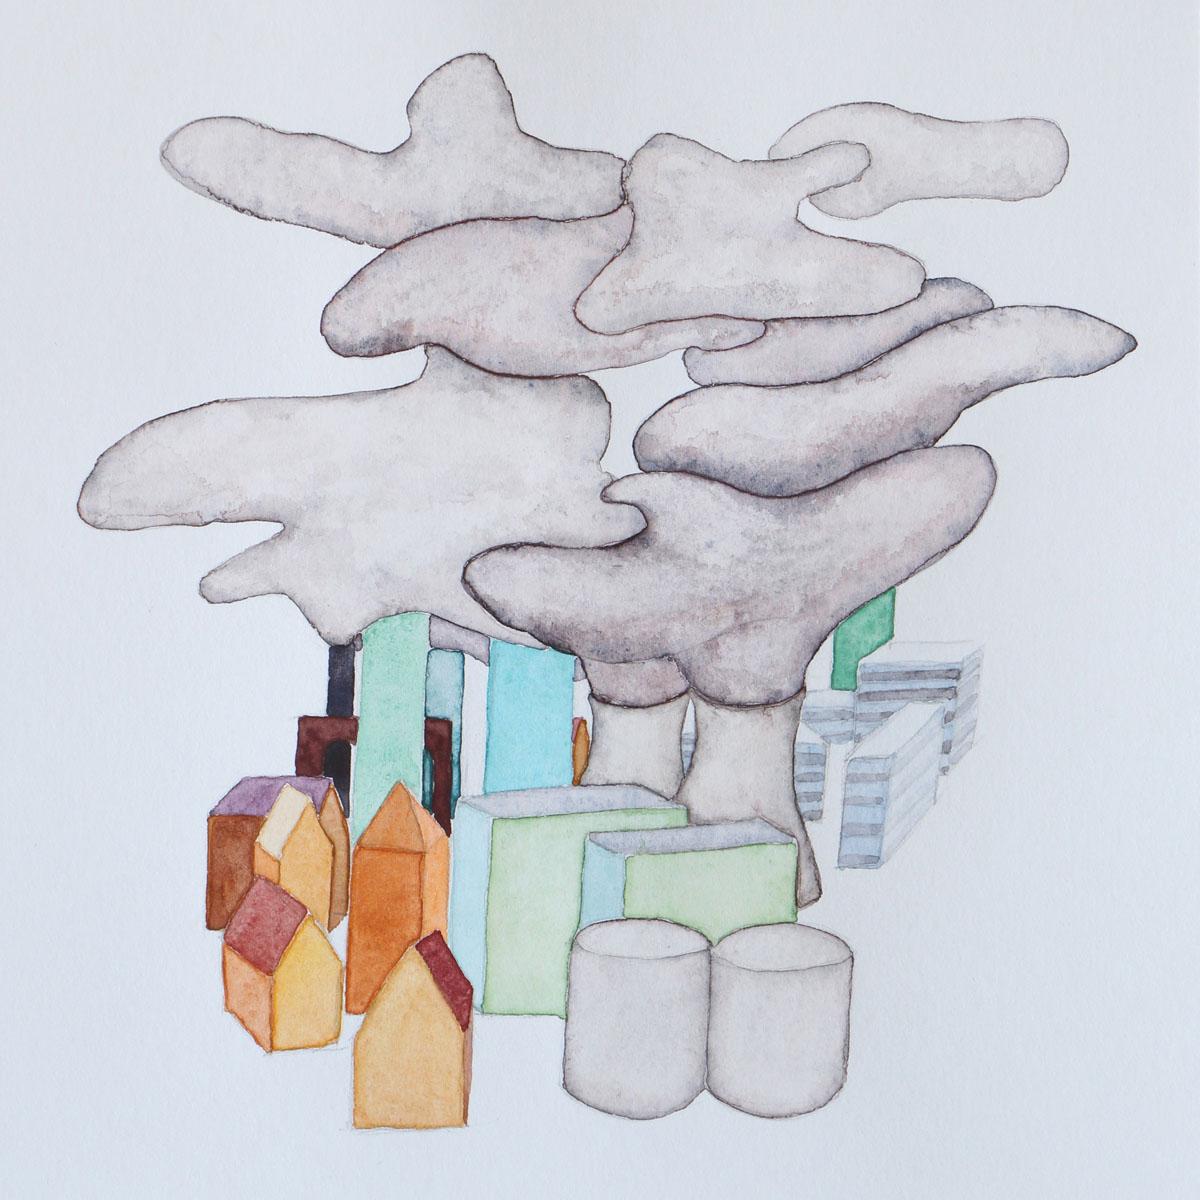 Ontwerp_beeld_Wolken2_